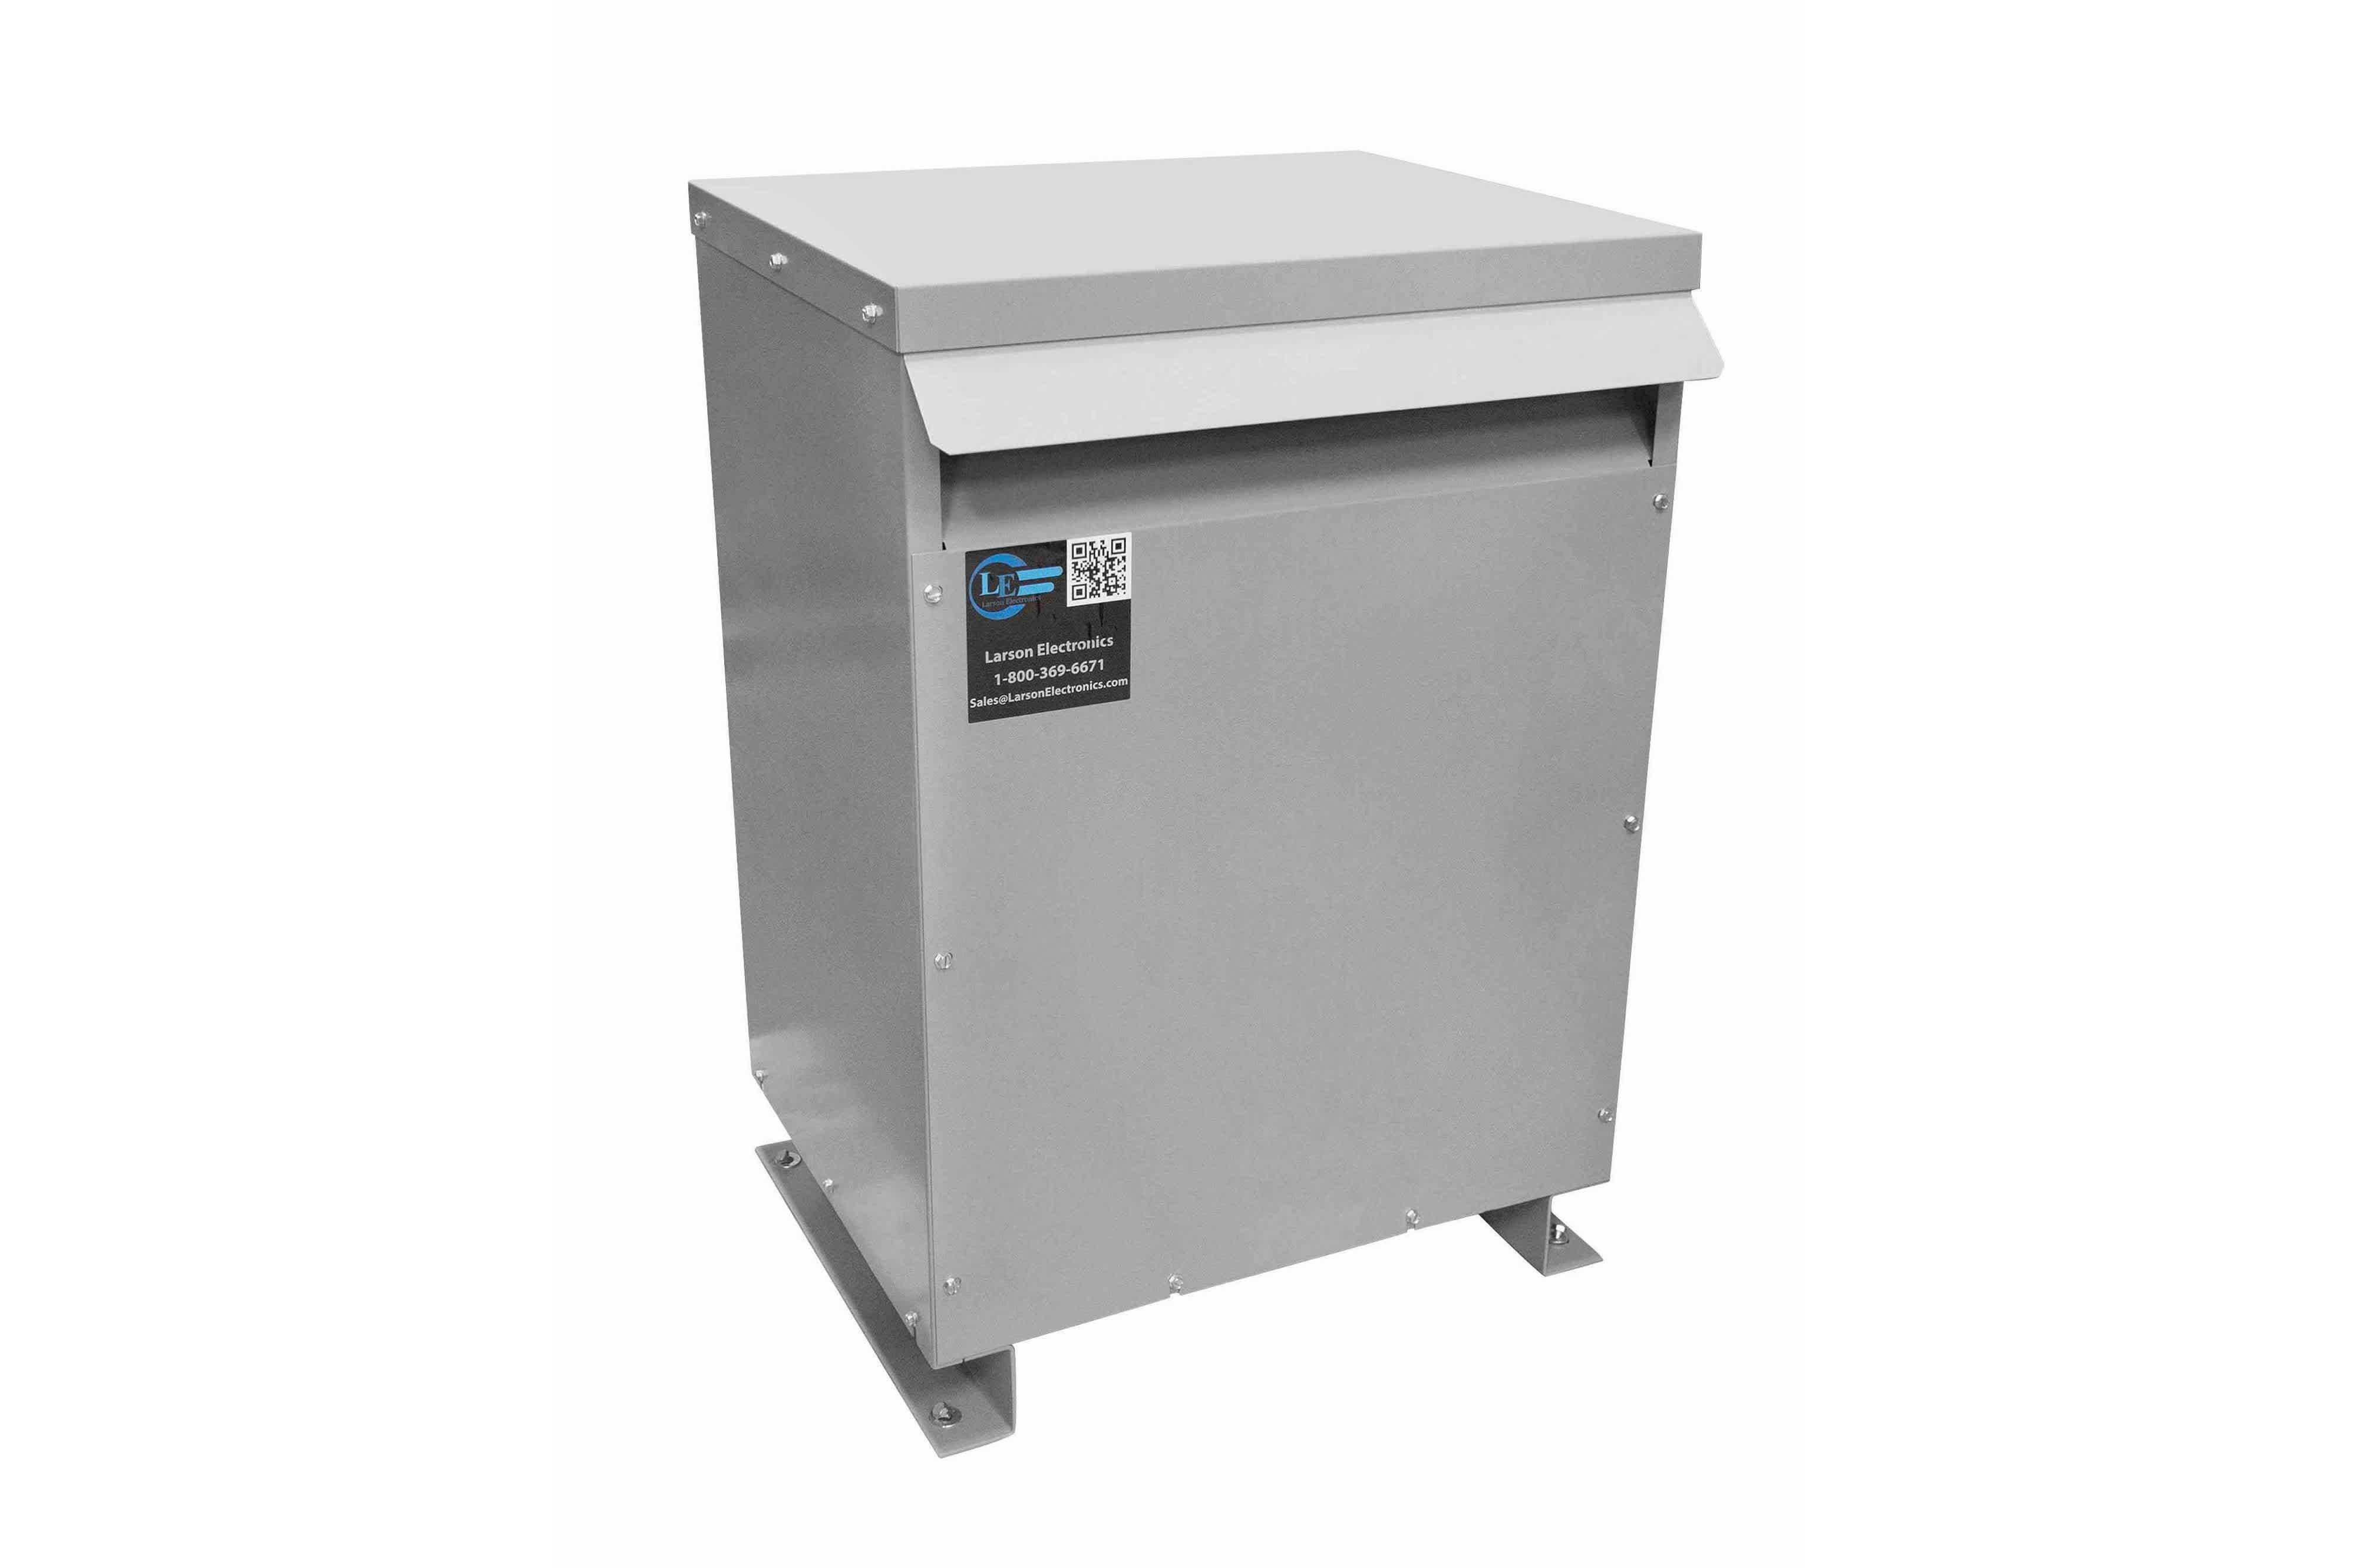 32.5 kVA 3PH Isolation Transformer, 480V Delta Primary, 208V Delta Secondary, N3R, Ventilated, 60 Hz